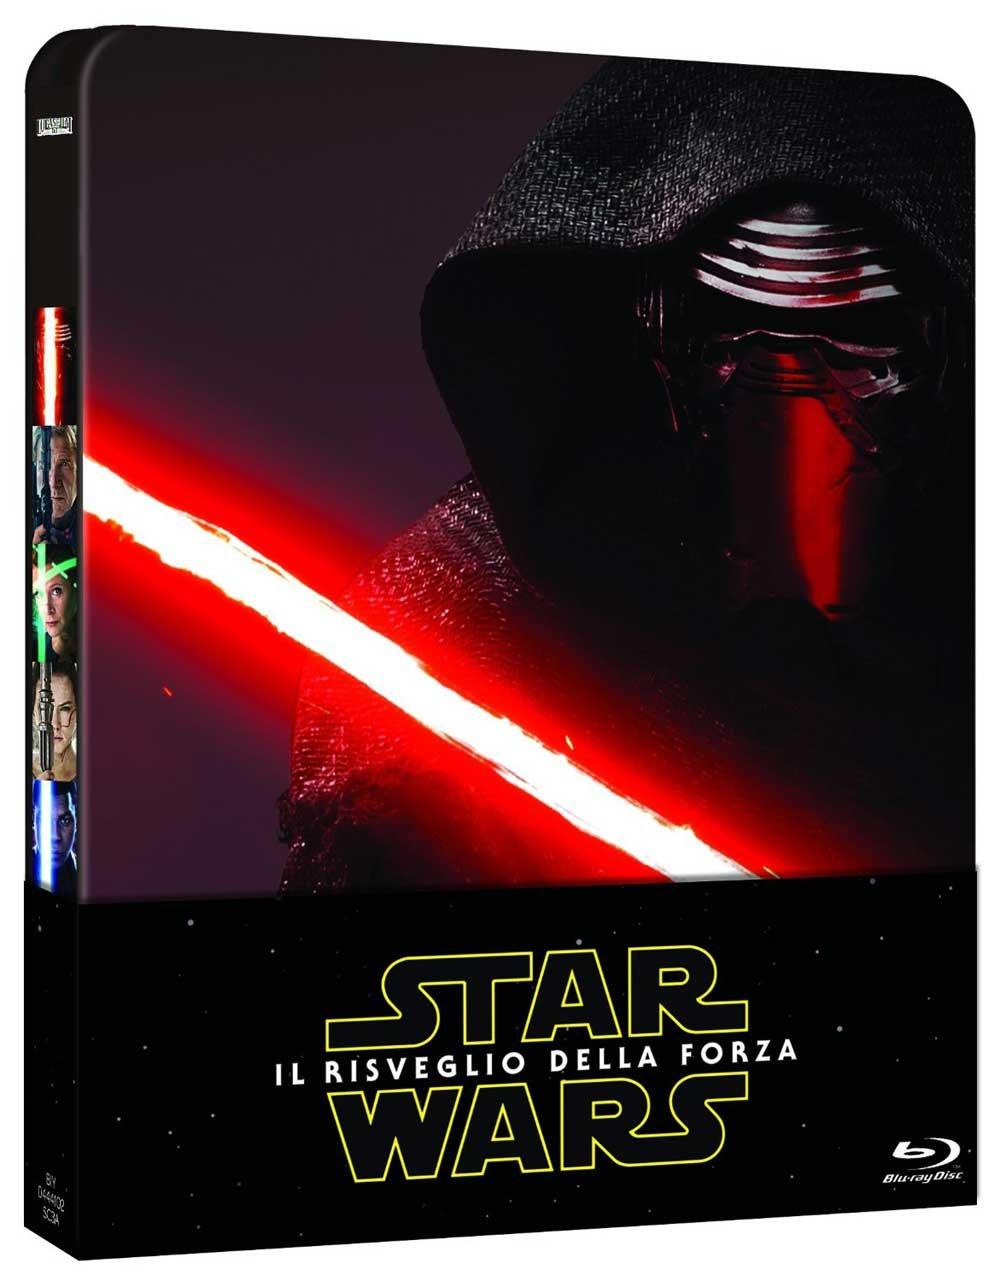 Star Wars: Il Risveglio Della Forza (Ltd Steelbook 2 Bluray)